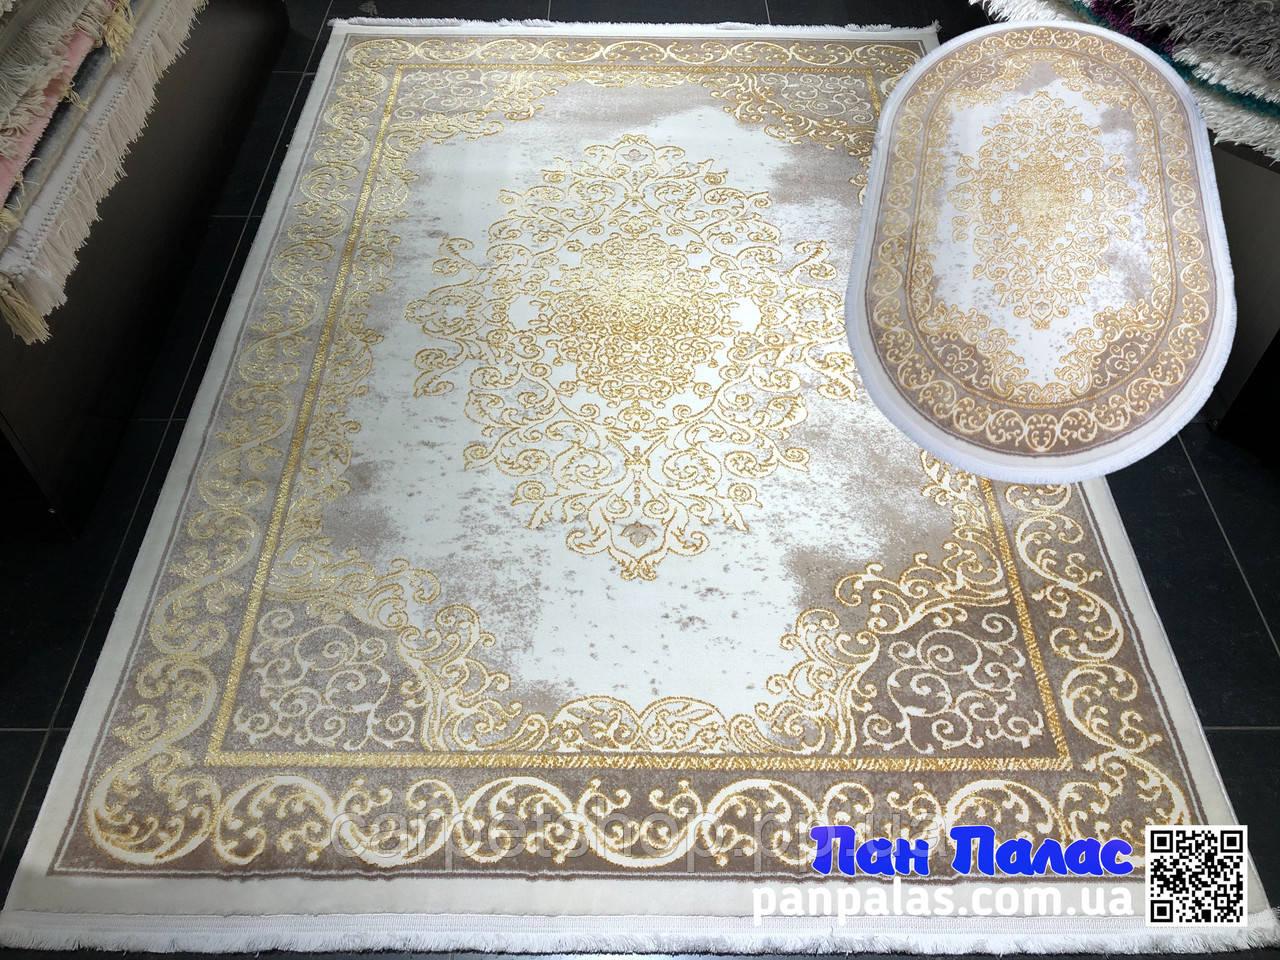 80х150 см Ковер Art carpet Paris 80 beg. Овал и прямой.